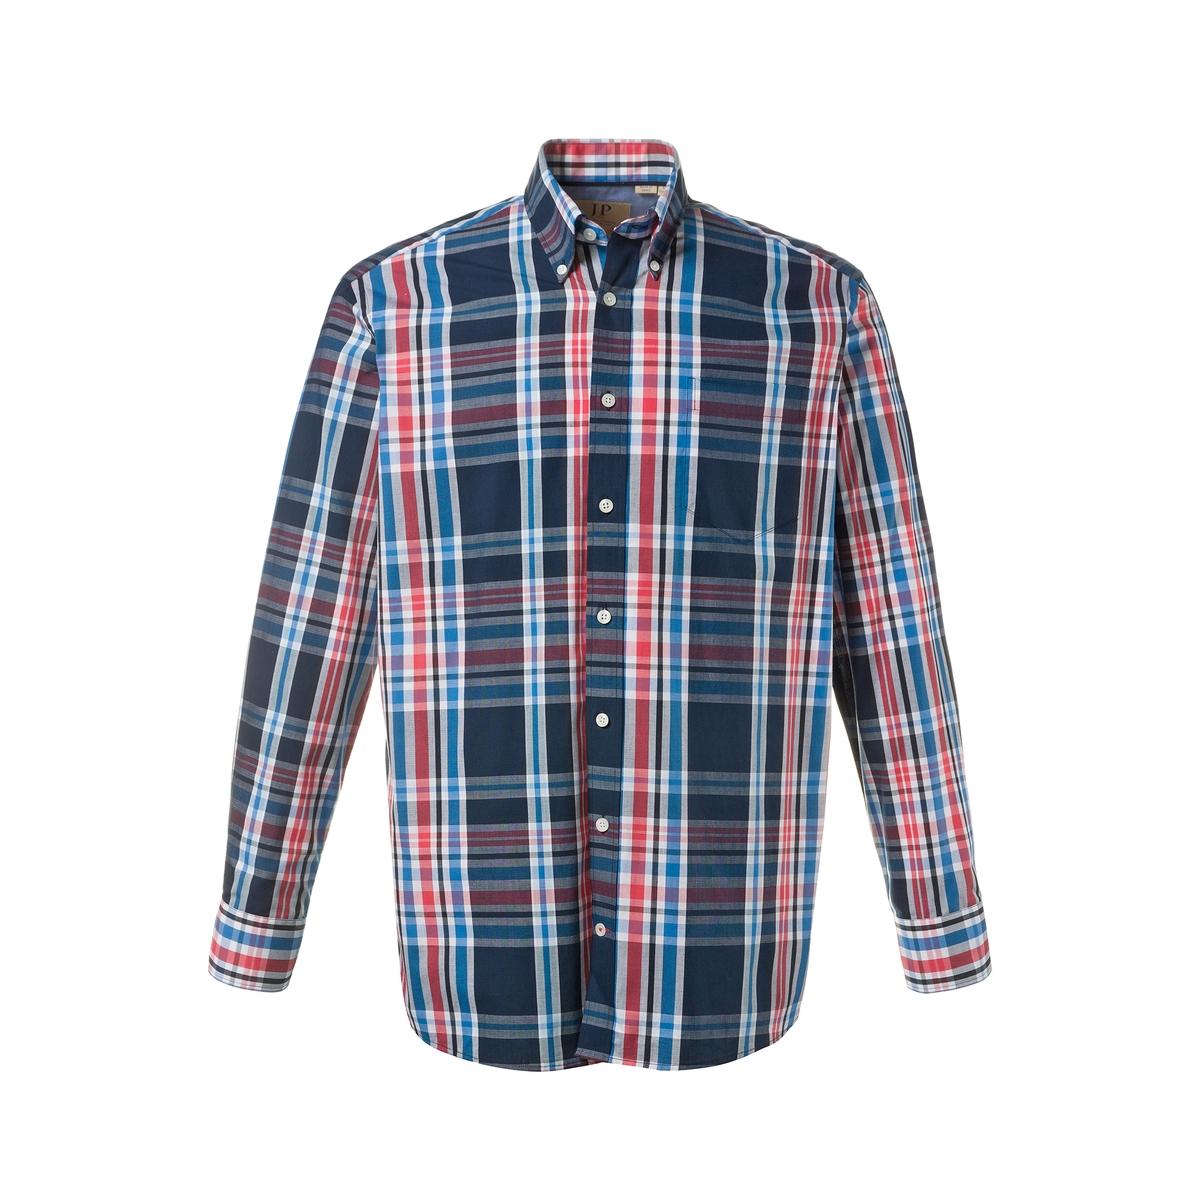 РубашкаРубашка с длинными рукавами JP1880. 100% хлопок.Рубашка в клетку, воротник с уголками на пуговицах и нагрудный карман. Внутренняя часть манжет из оксфорда. Удобный покрой. Длина в зависимости от размера от 82 до 96 см<br><br>Цвет: в клетку<br>Размер: 4XL.7XL